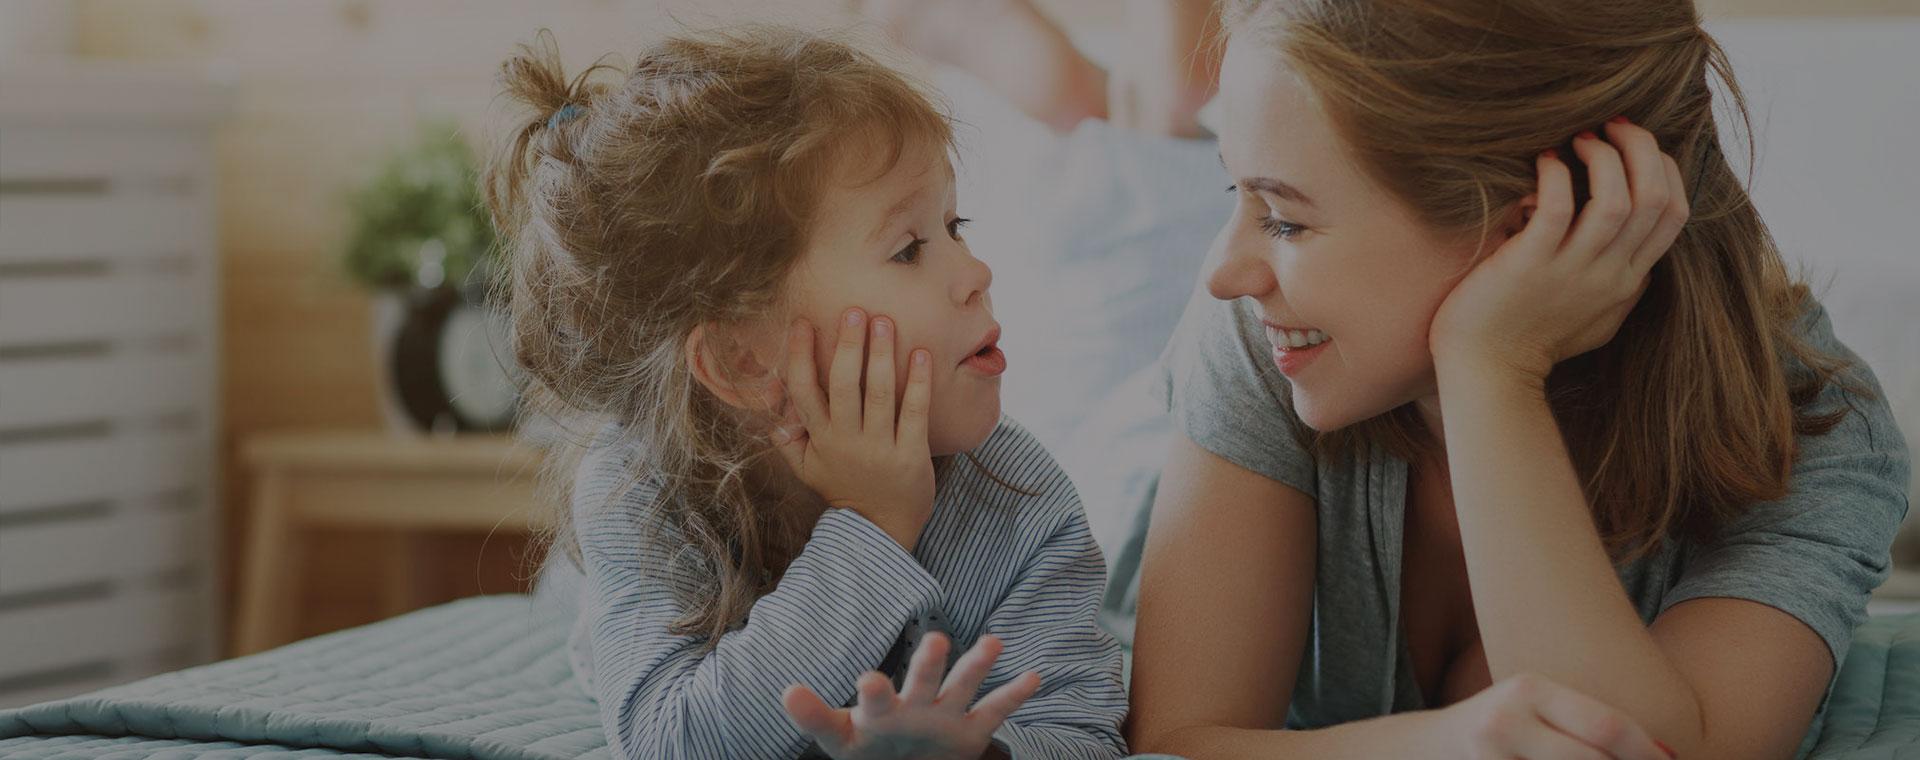 ecoute-attentive-des-enfants